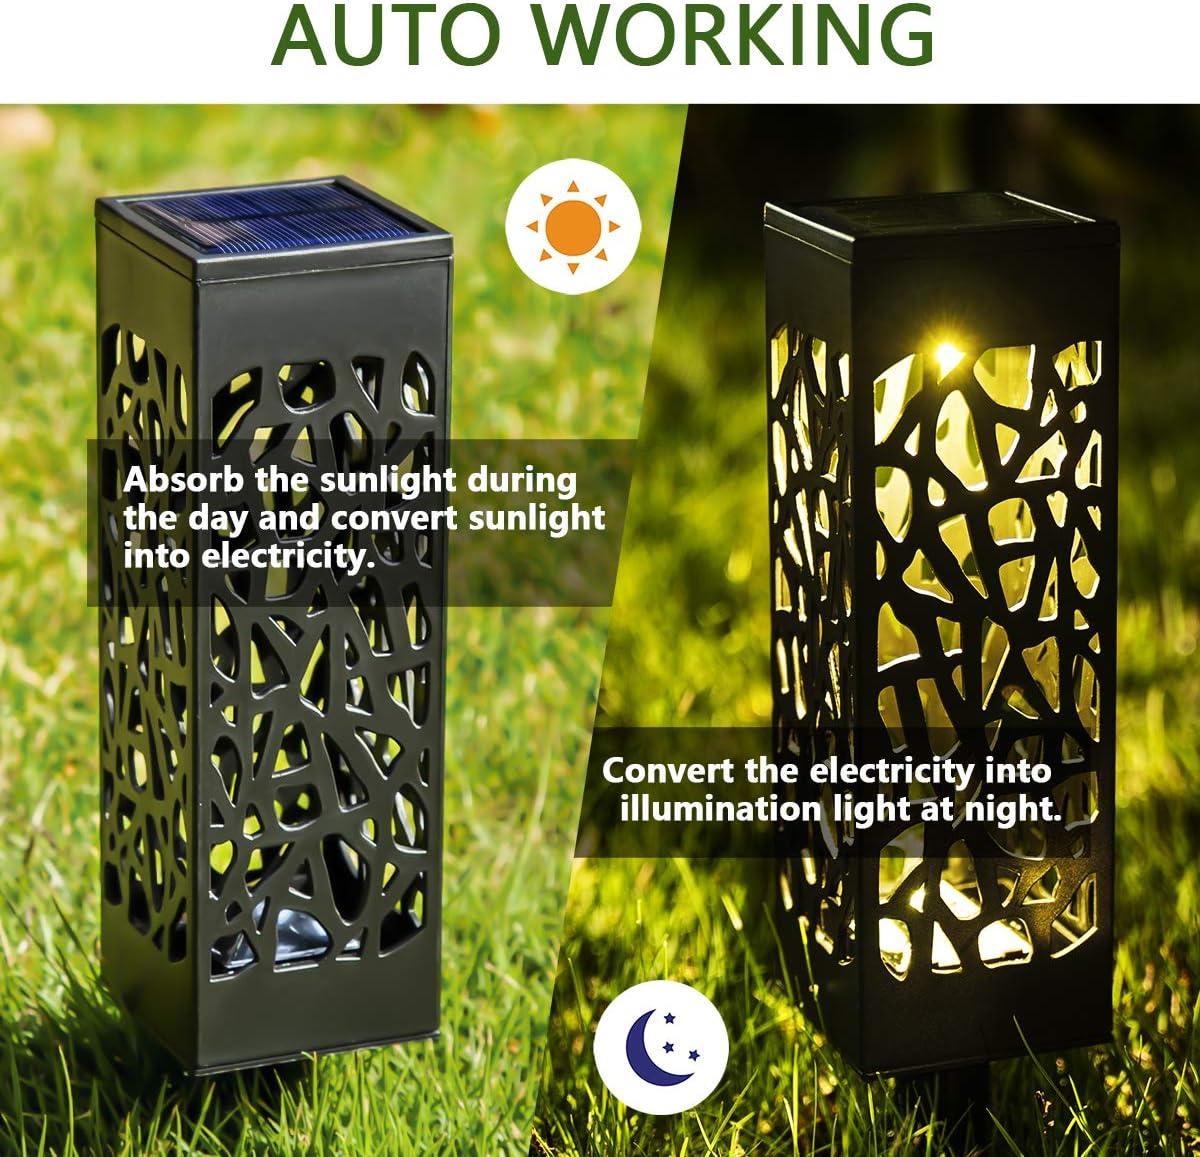 Garten GIGALUMI Solarleuchten Garten 8 Pack warmwei/ße Solar Gartenleuchte wasserdichte Solarlampen f/ür au/ßen Hof Terrasse Rasen Gehweg